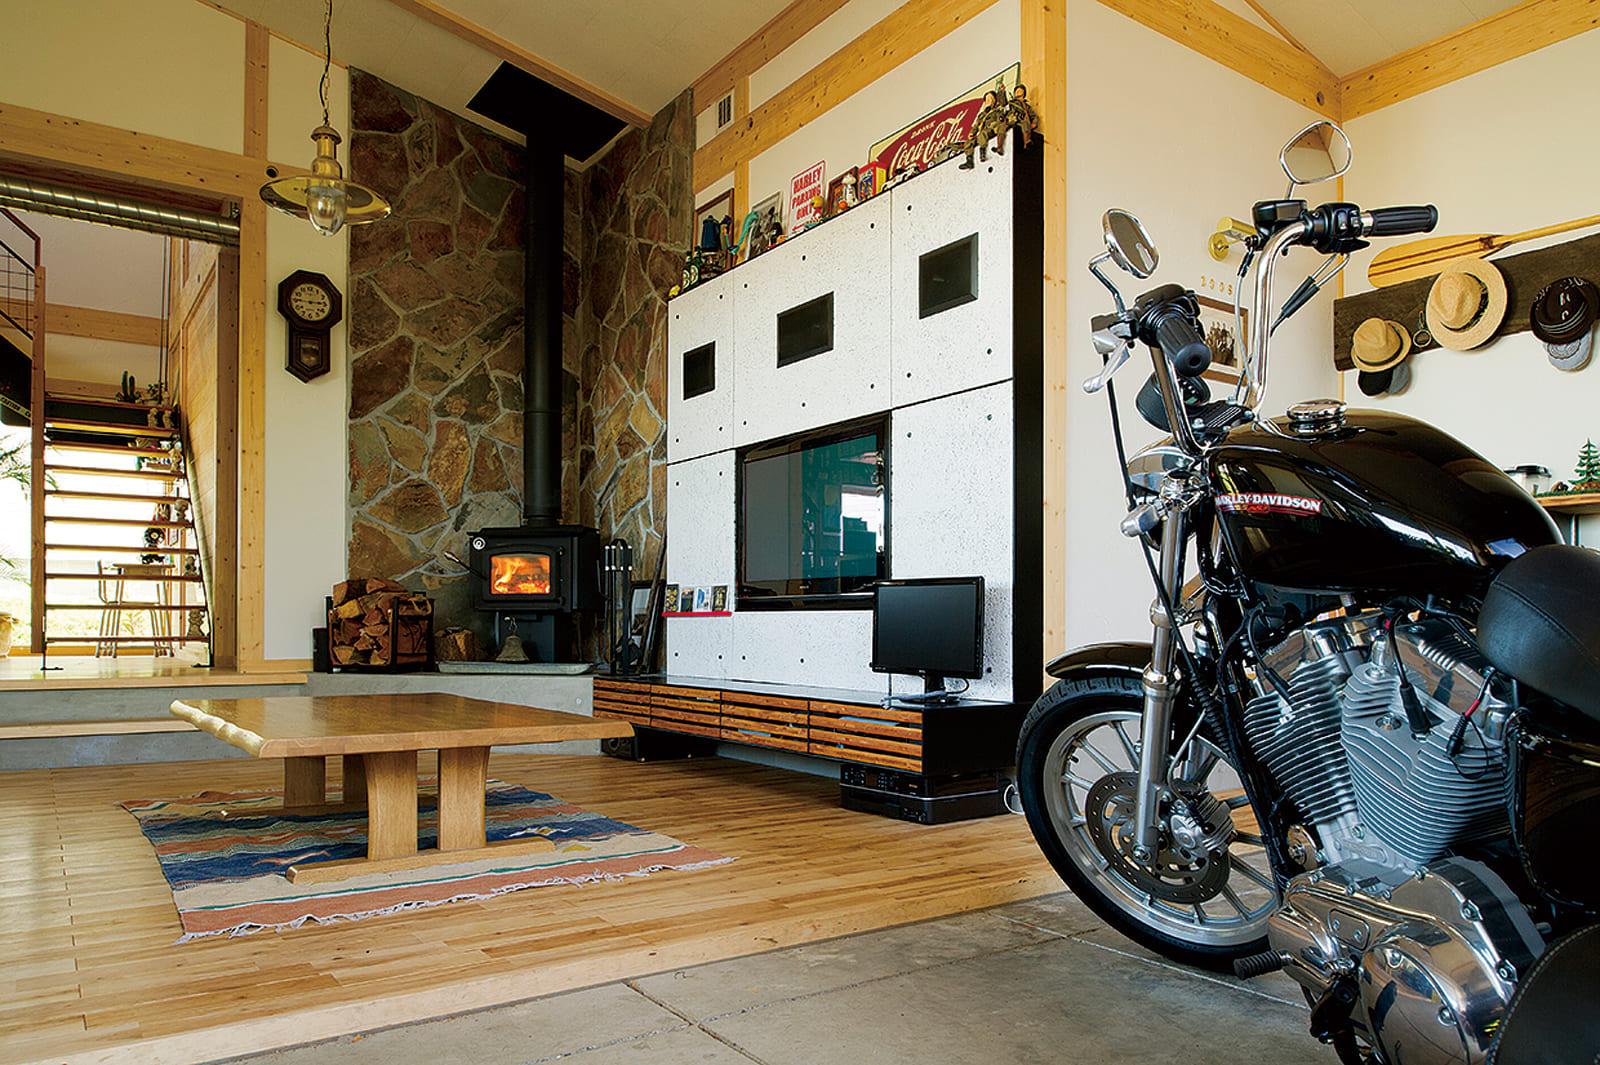 乗れない季節もそばに置くことでバイクをより身近に感じられる